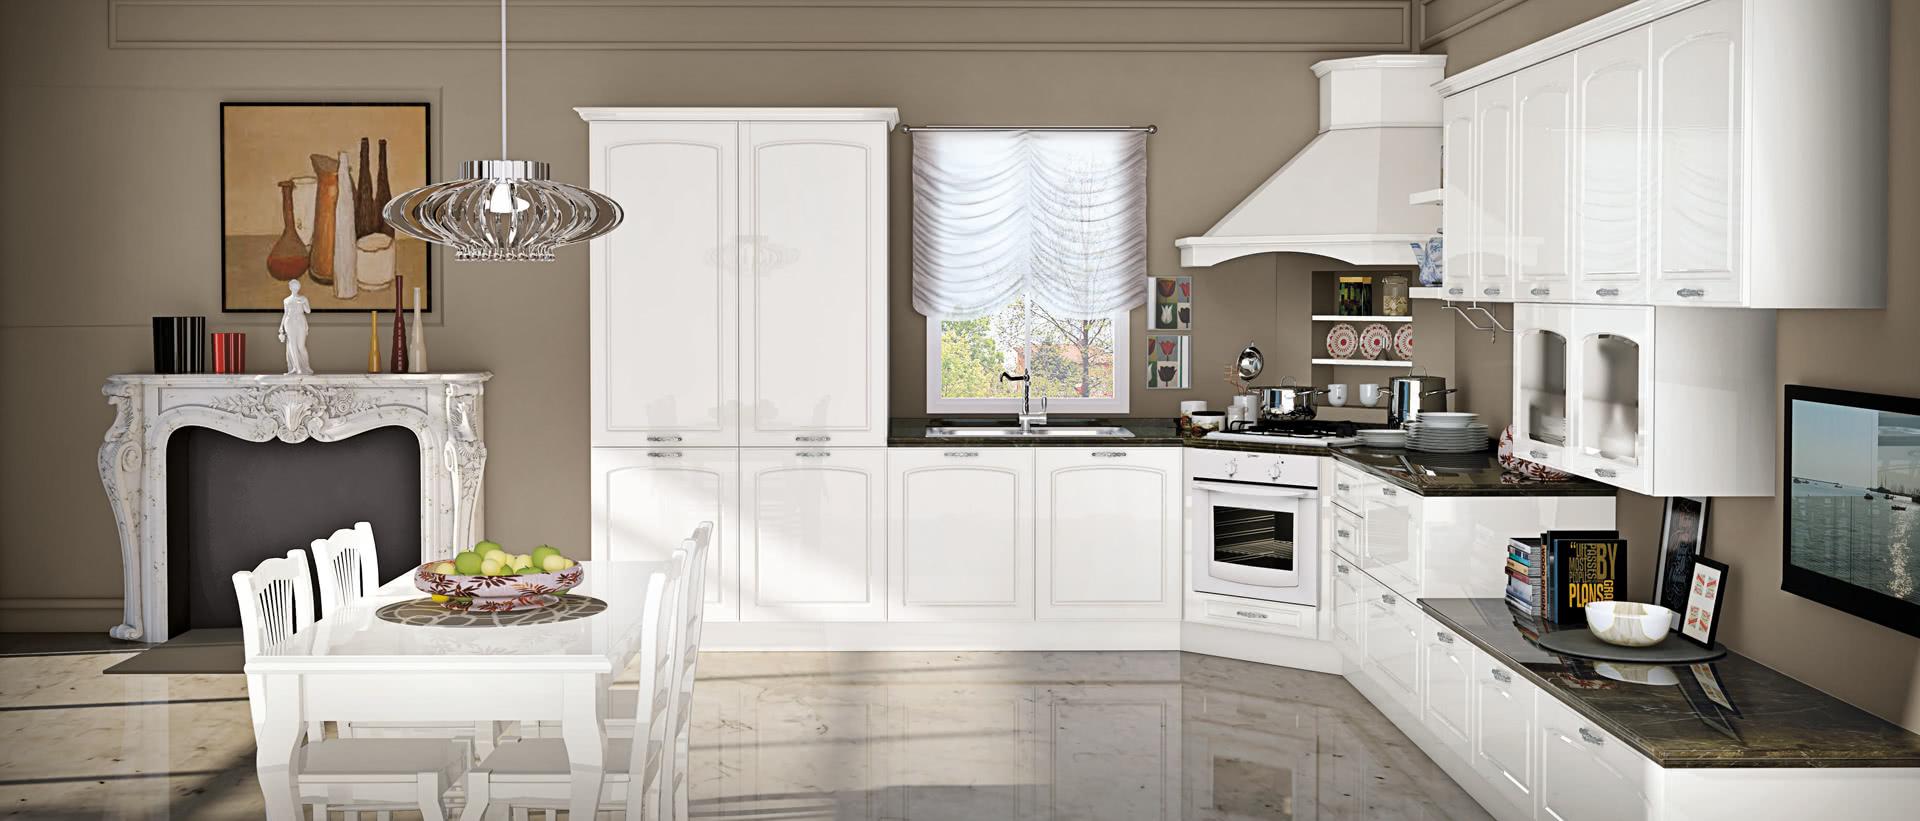 1219_elin-cucina-ambientata-2